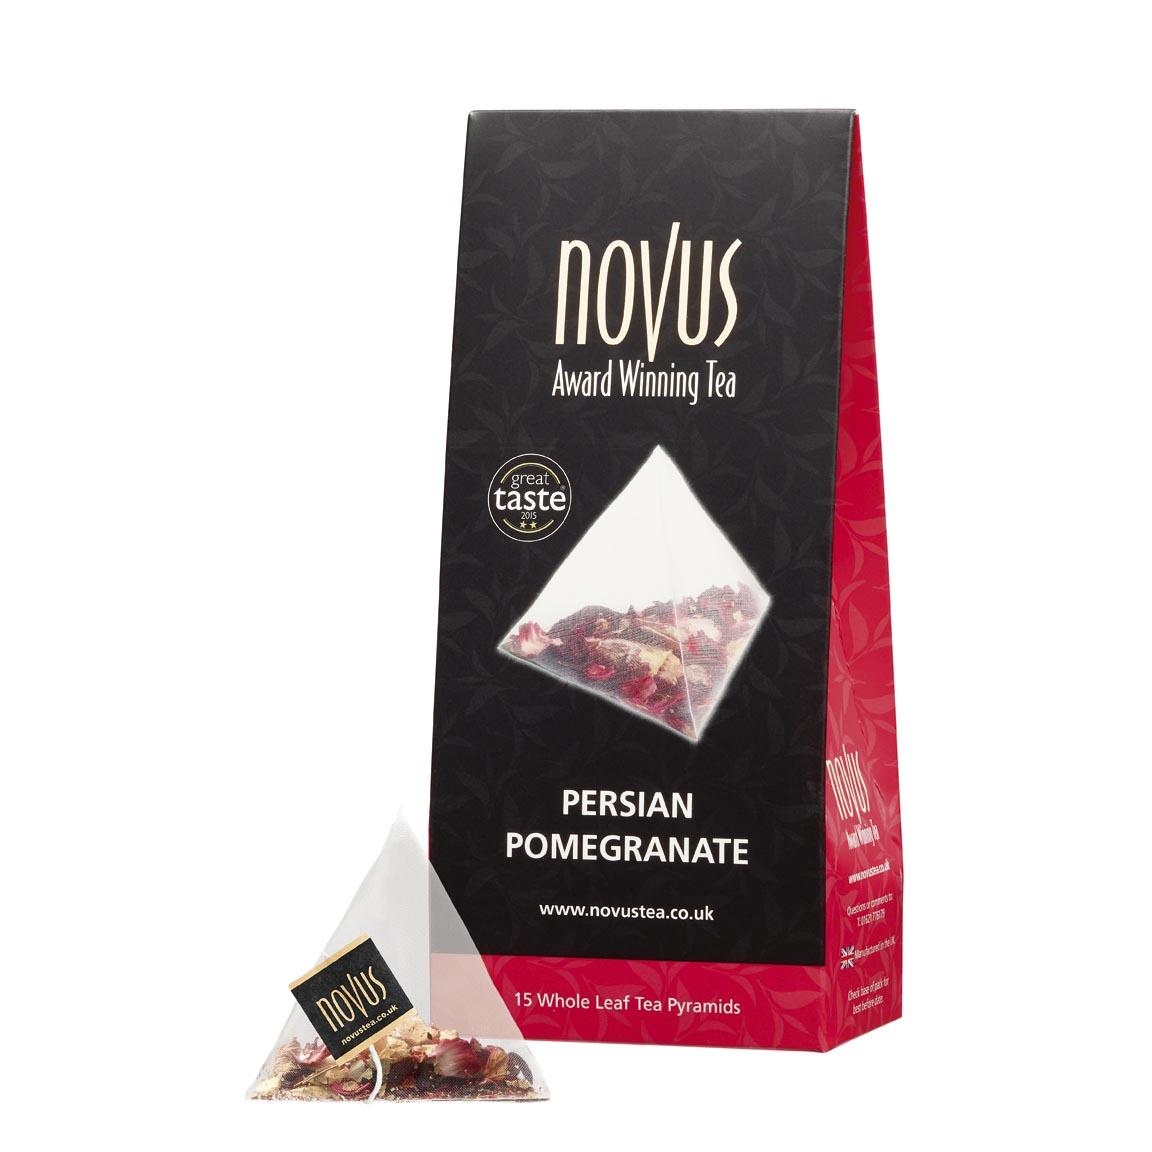 PERSIAN POMEGRANATE Caffeine Free Tea – AE Stanton ... Persian Pomegranate Tea